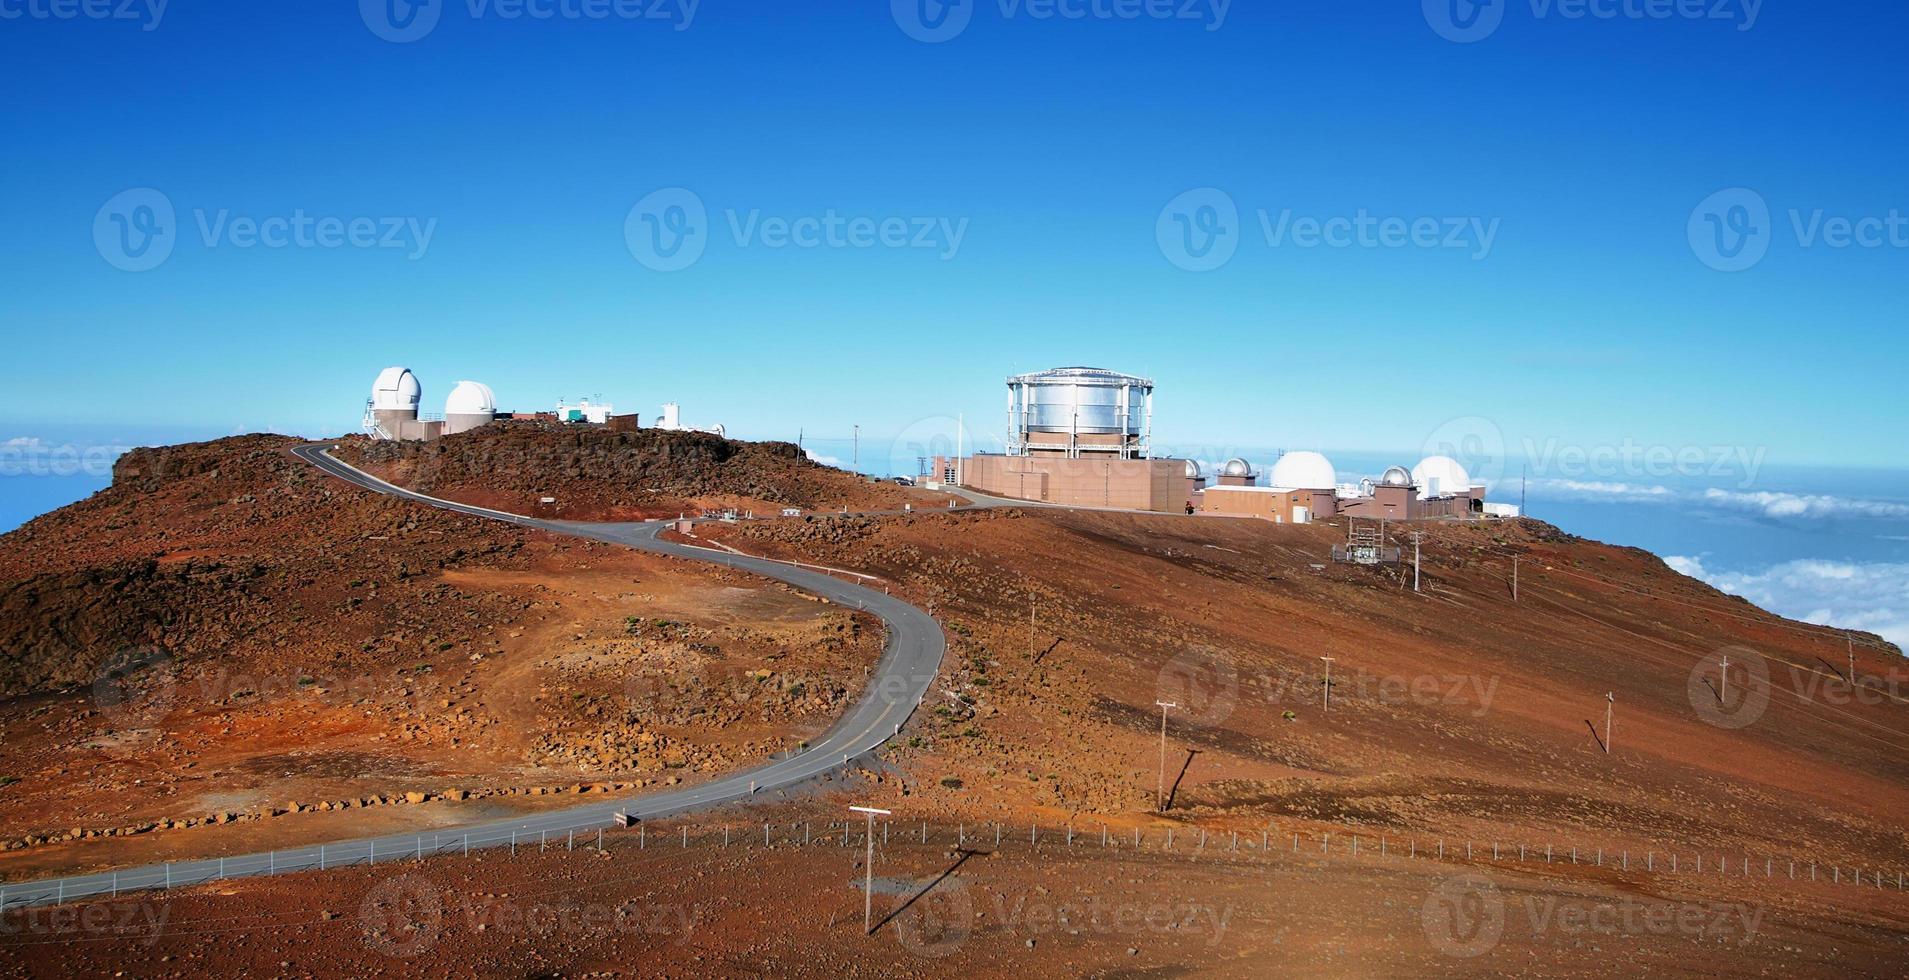 vista dos observatórios do vulcão cume haleakala foto